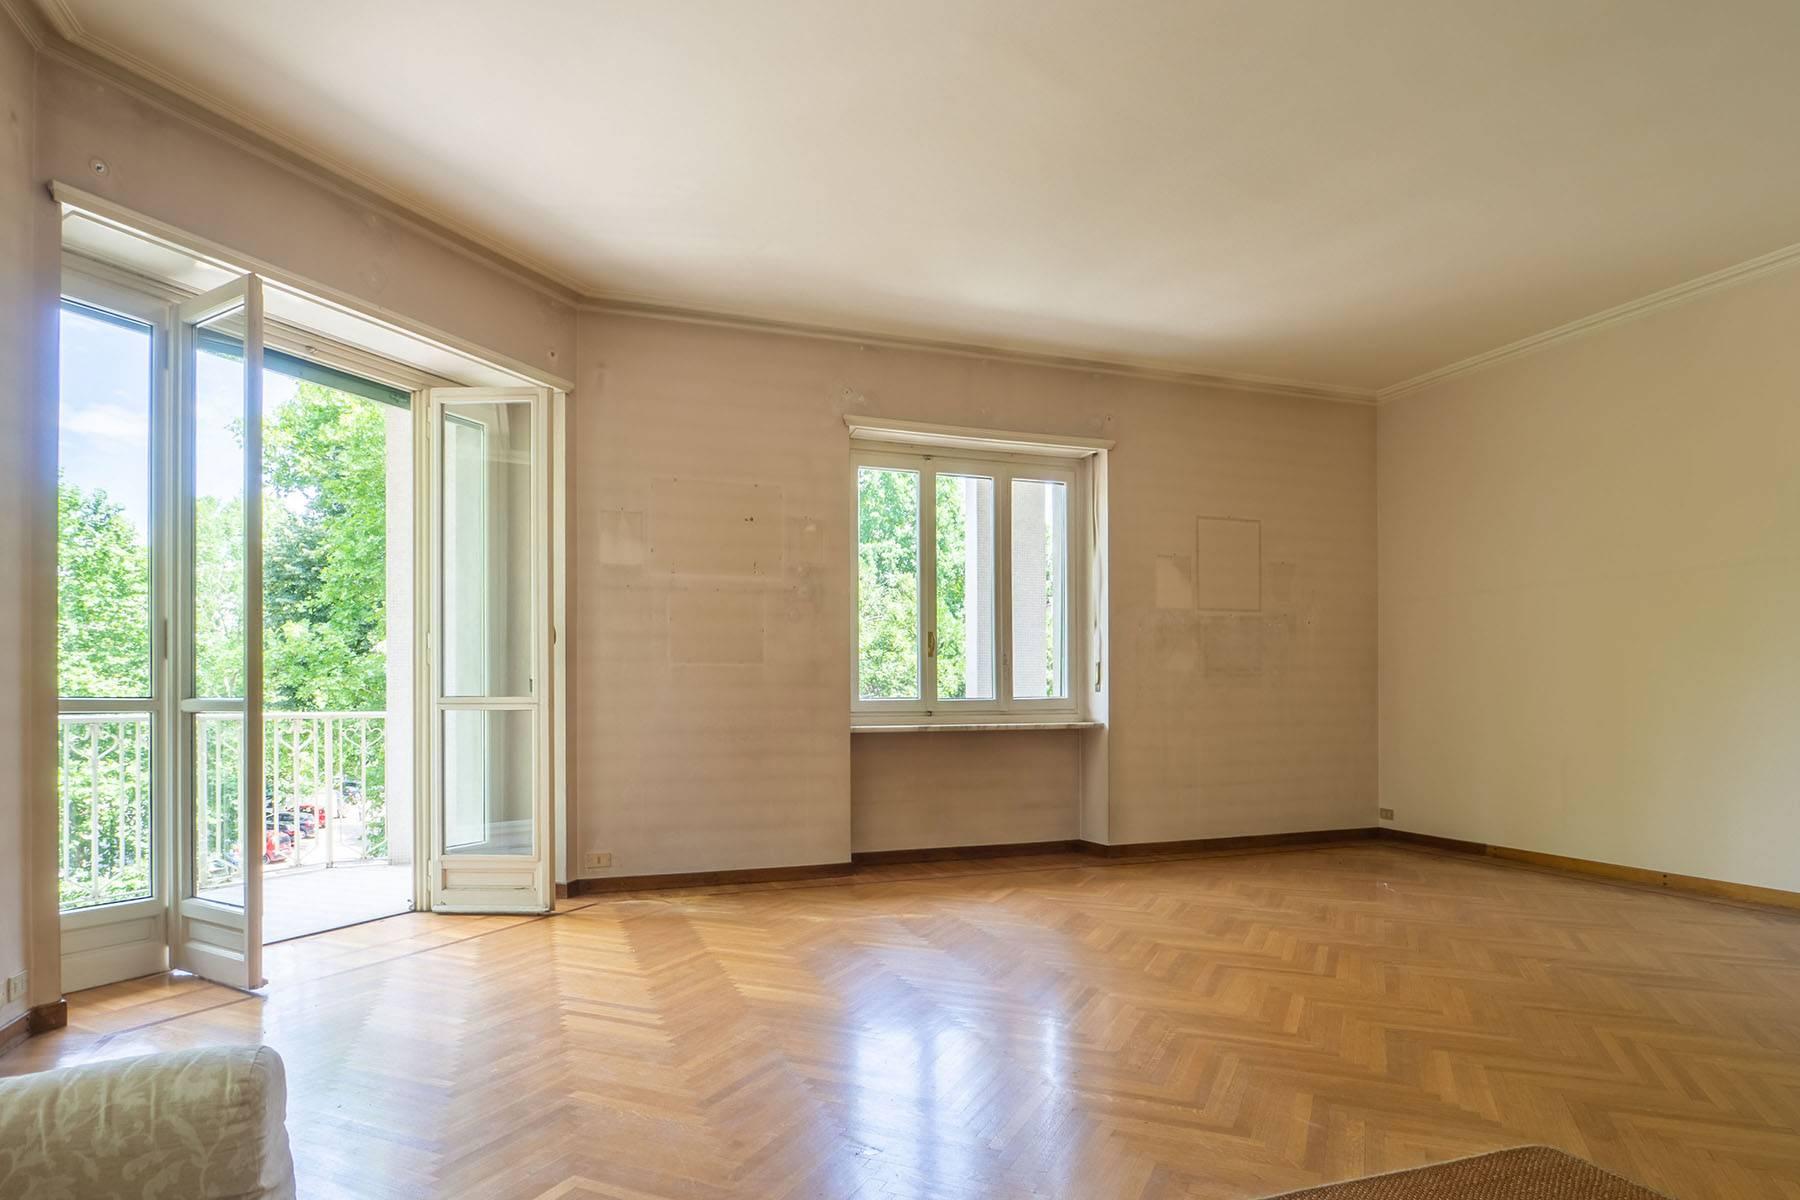 Appartamento in Vendita a Torino Centro: 4 locali, 181 mq